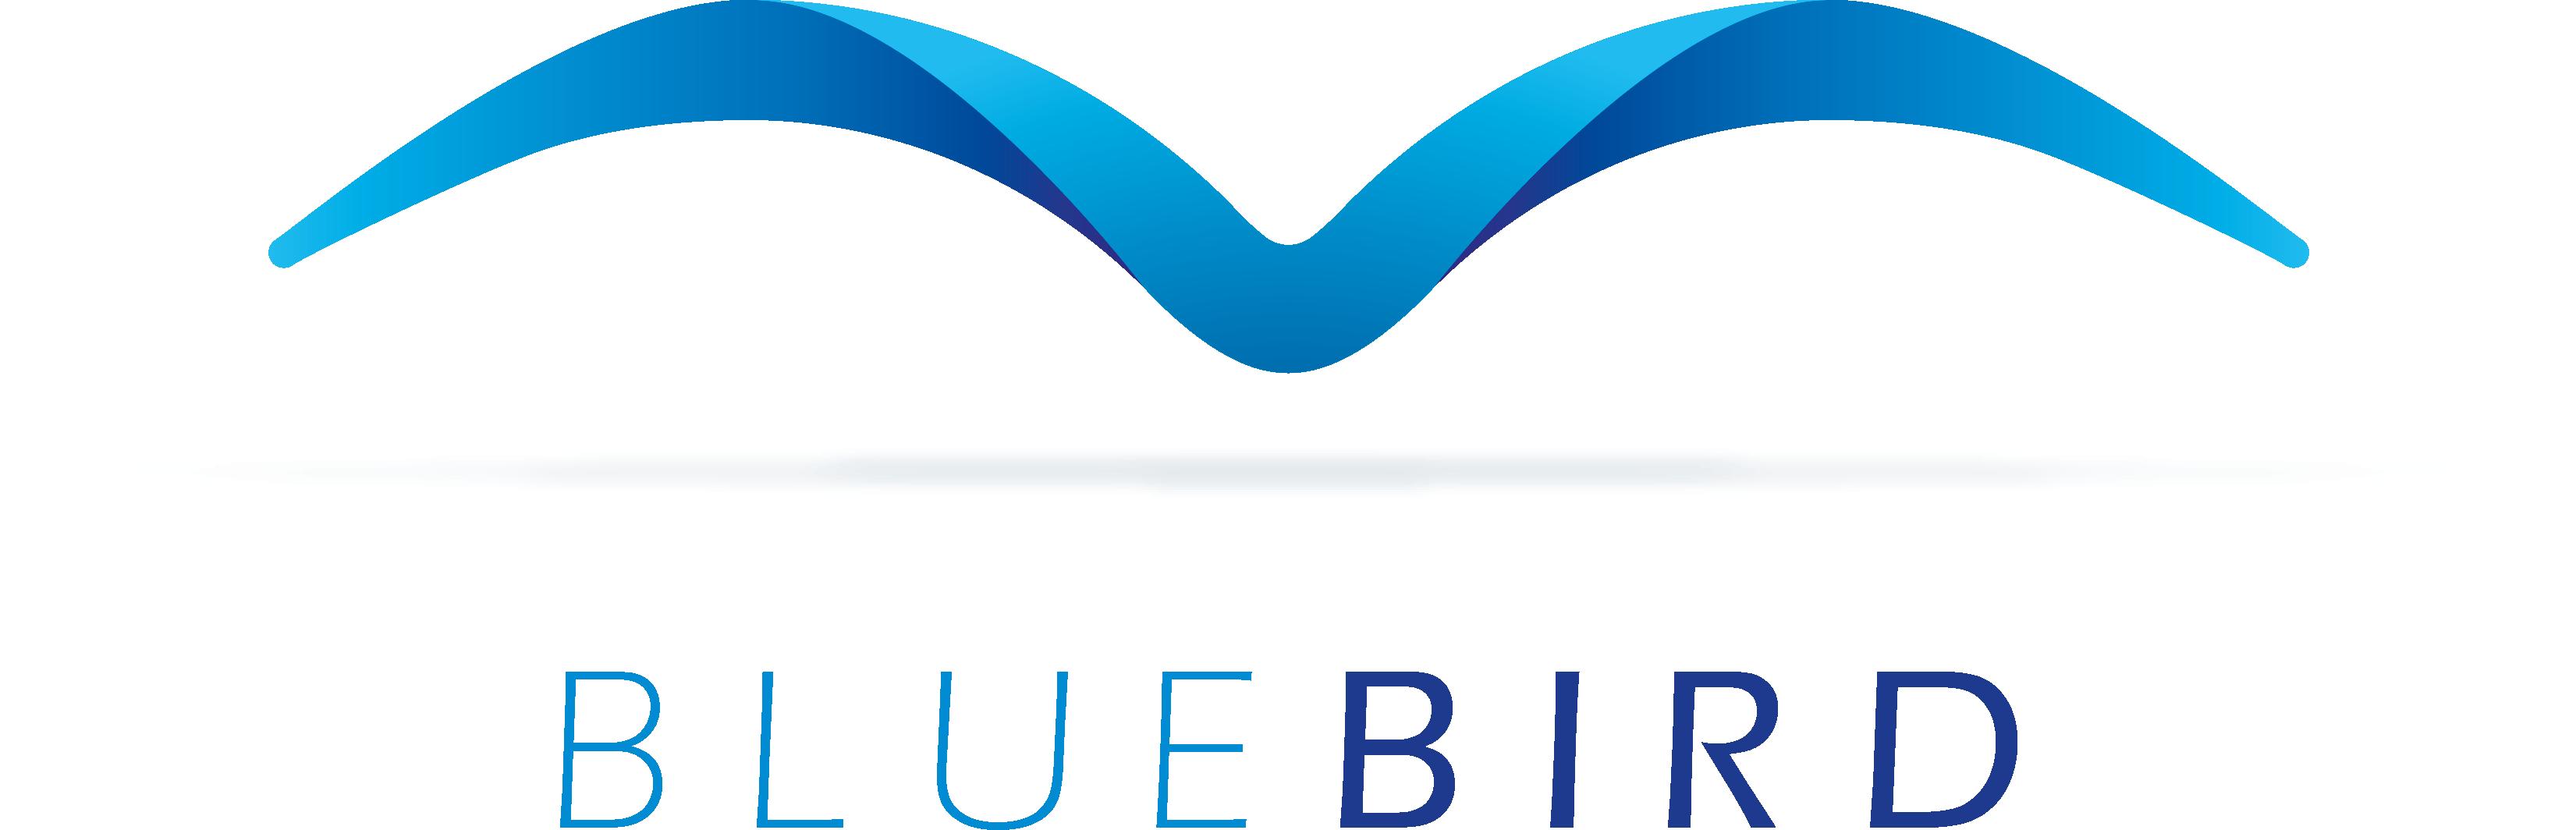 BlueBird_Hoch